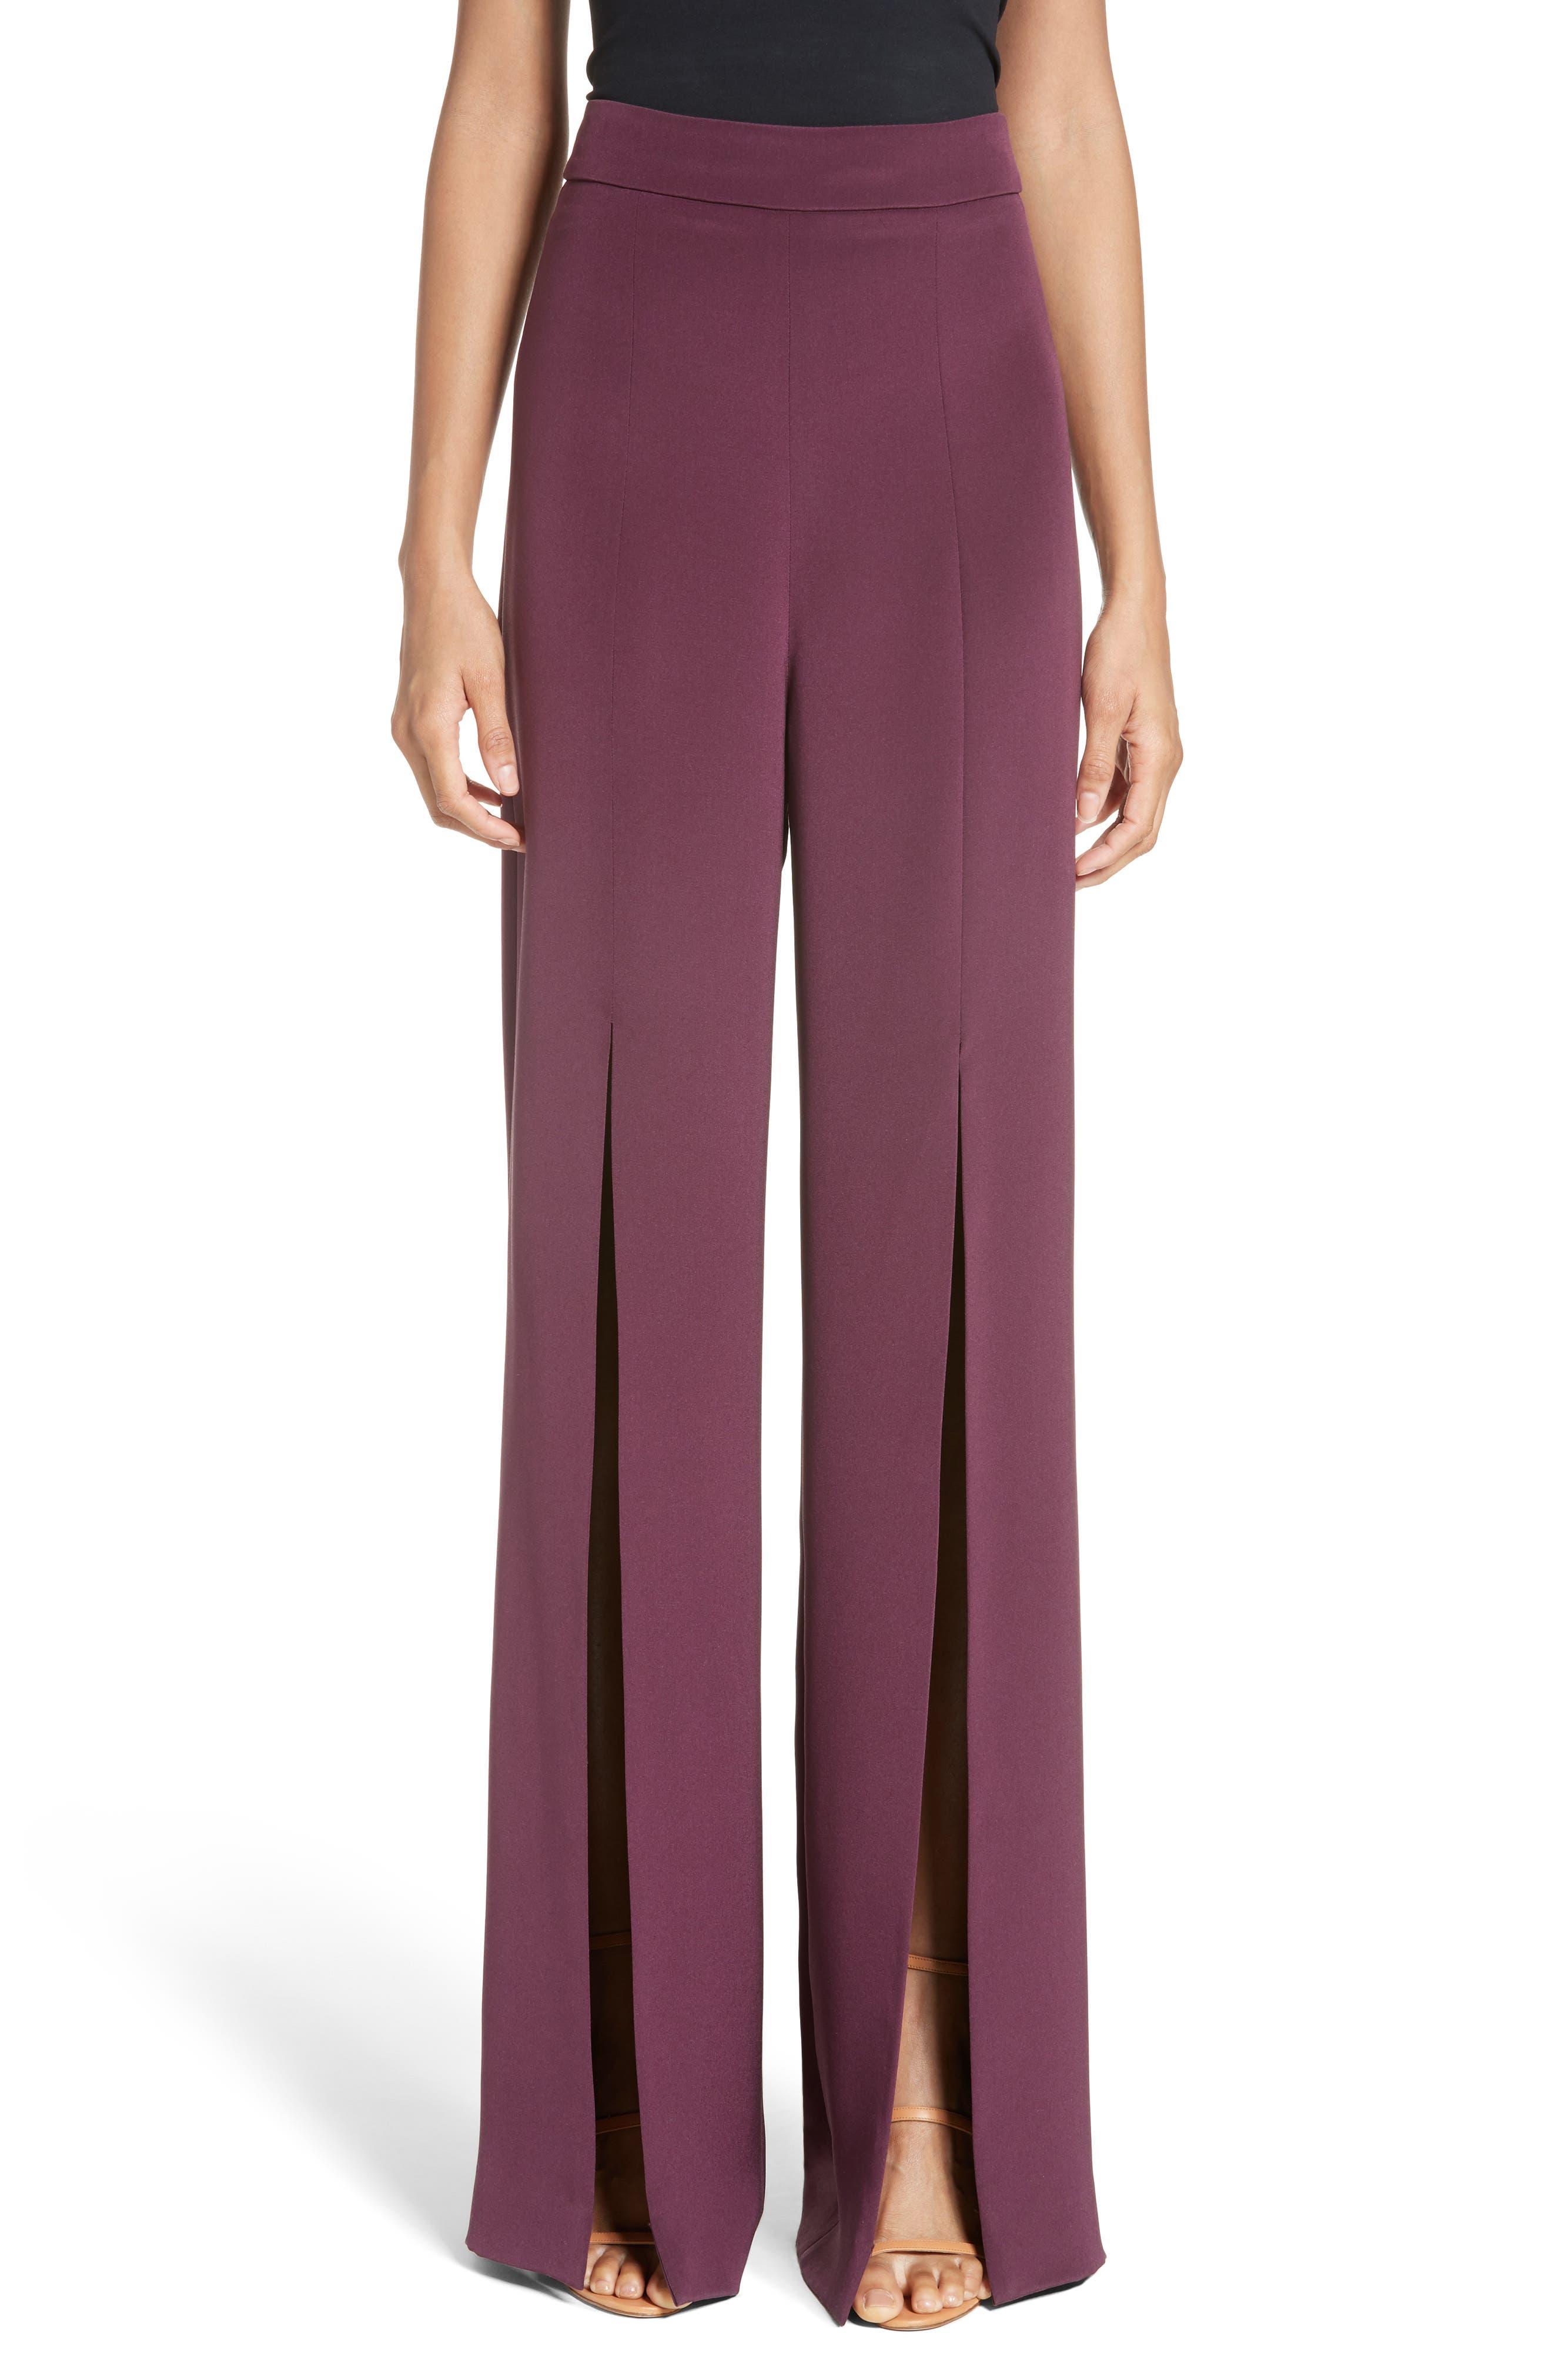 Alternate Image 1 Selected - Cushnie et Ochs Slit Silk High Waisted Pants